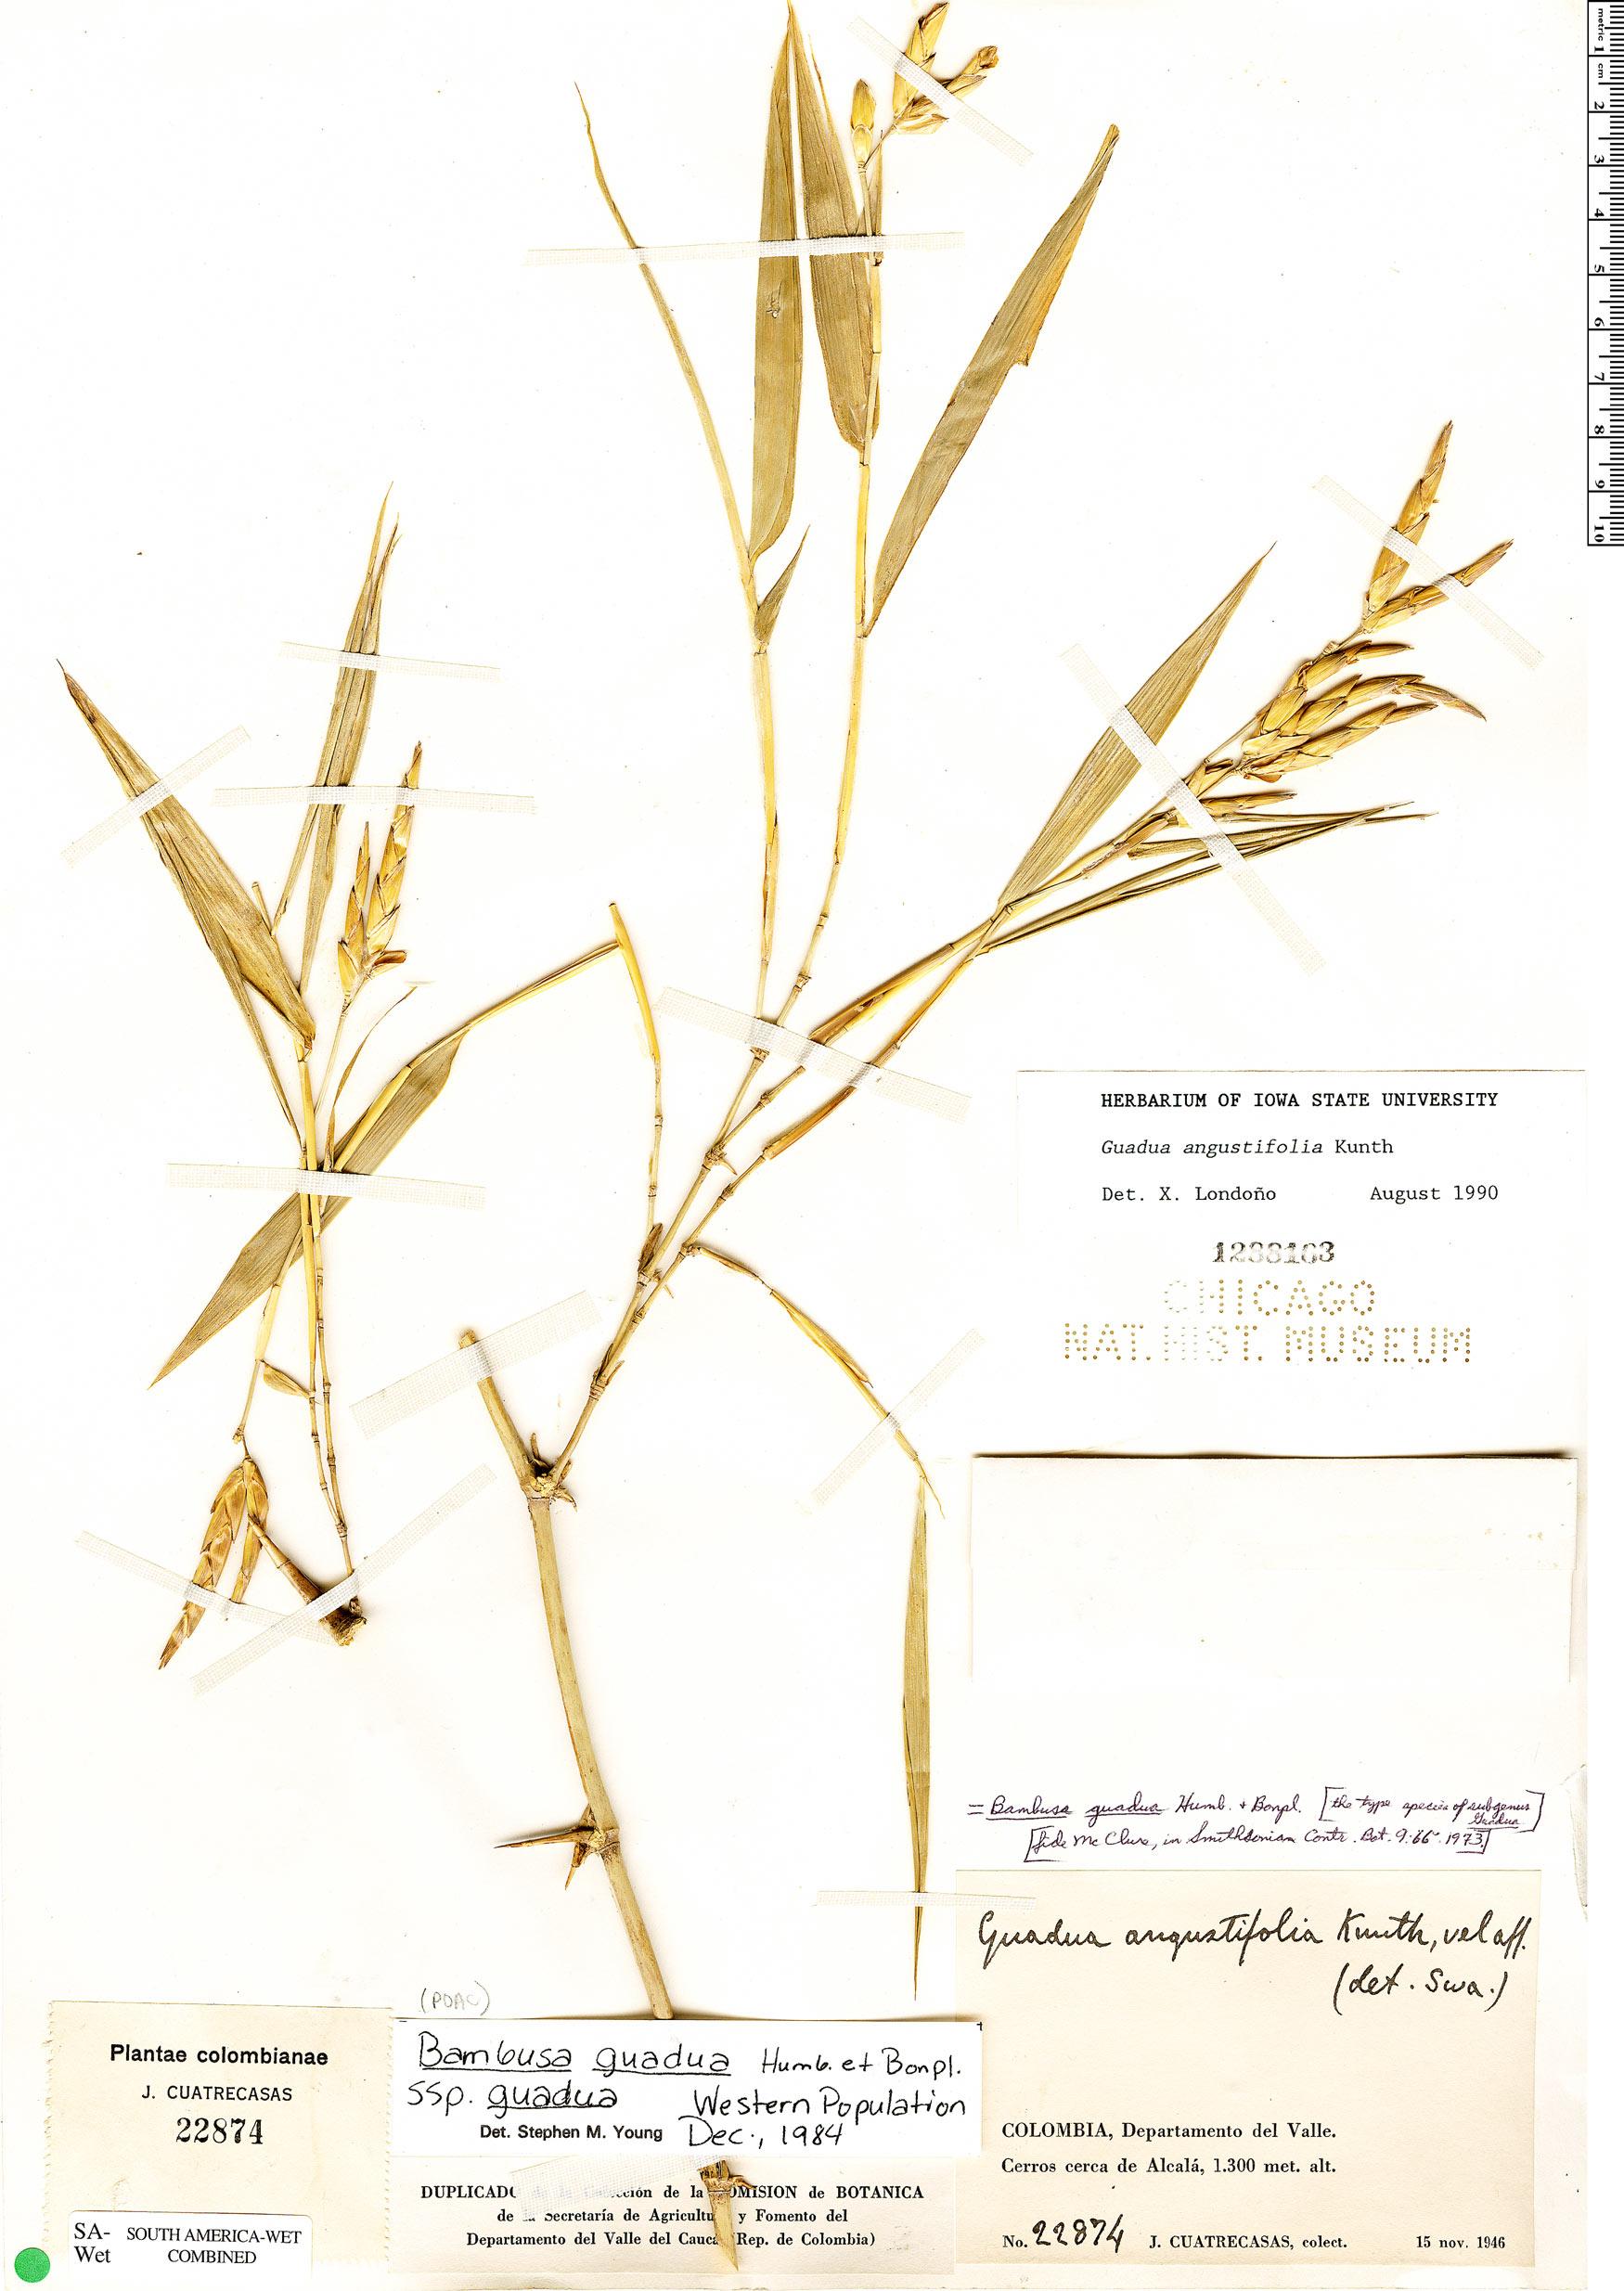 Specimen: Guadua angustifolia